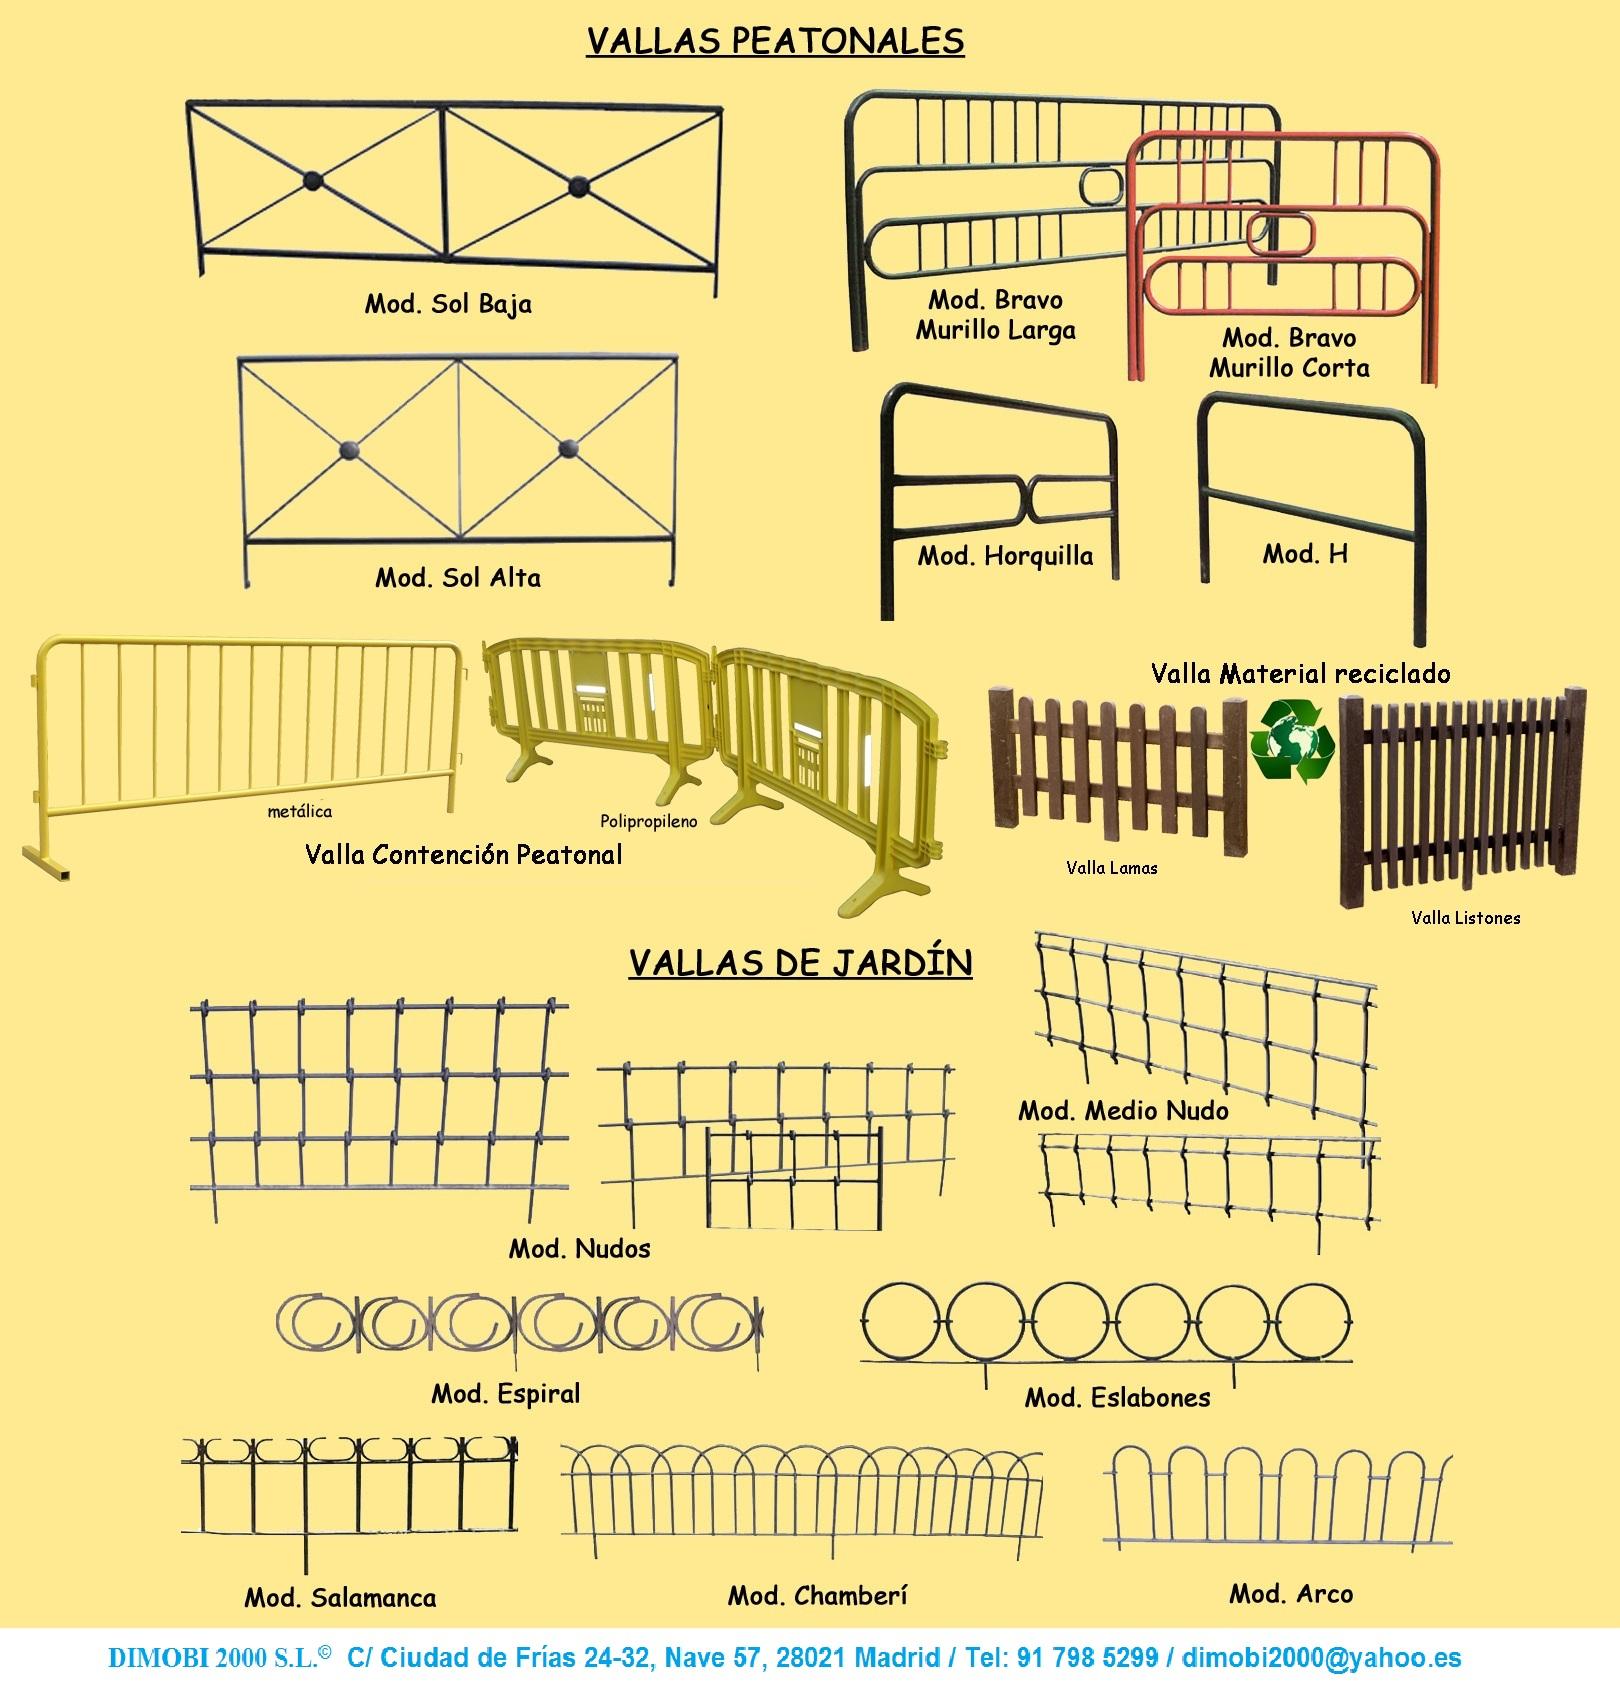 Dimobi 2000 mobiliario urbano se alizacion y parques for Vallas infantiles plastico